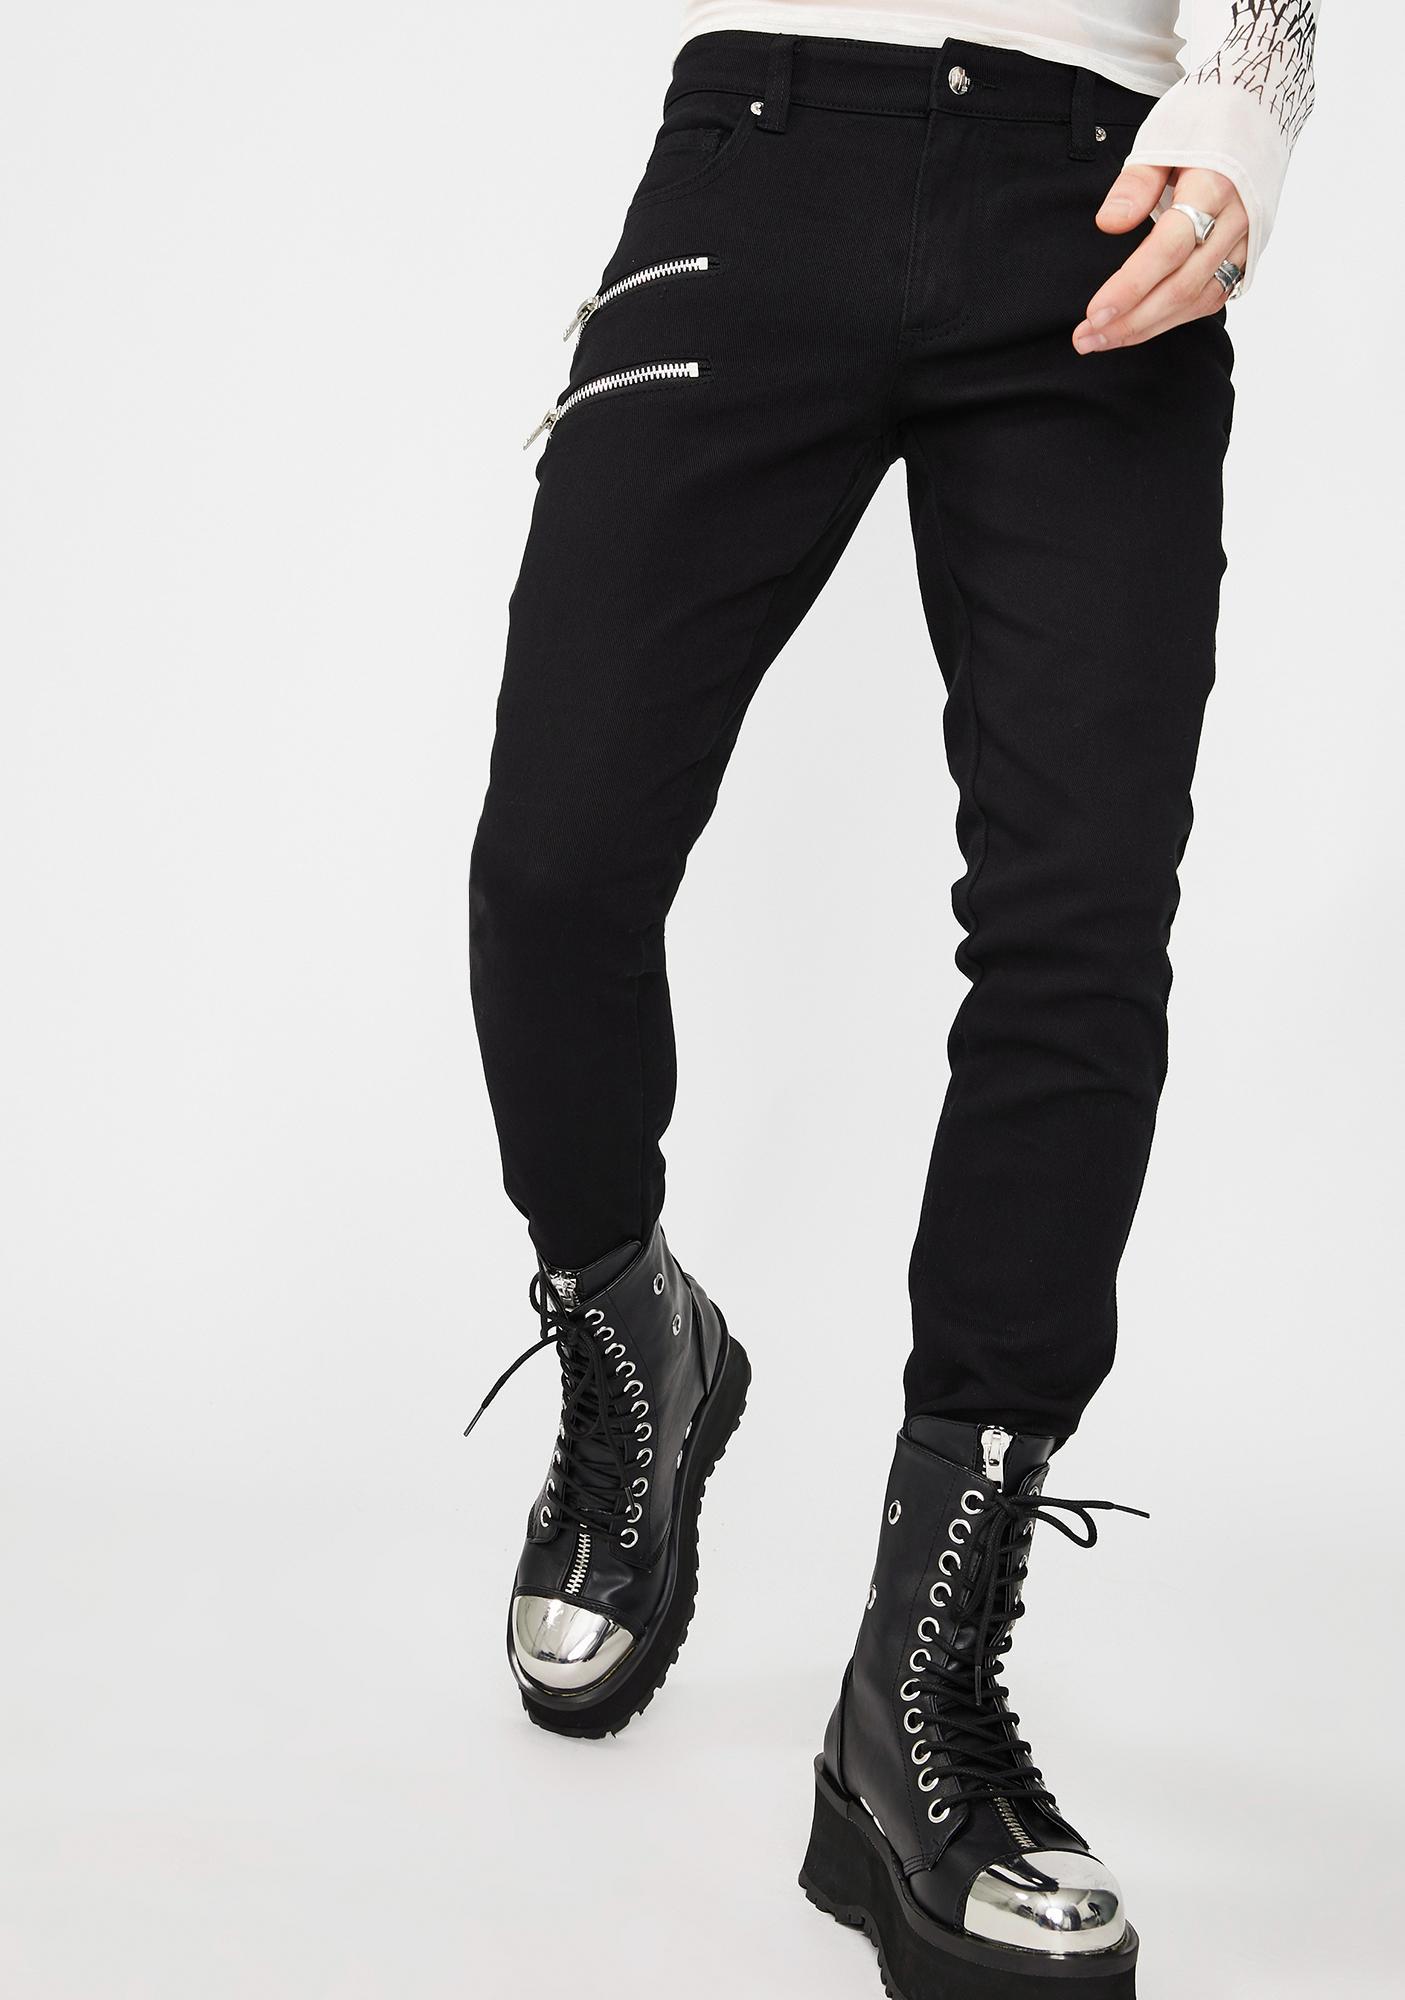 Tripp NYC Double Zipper Biker Jeans